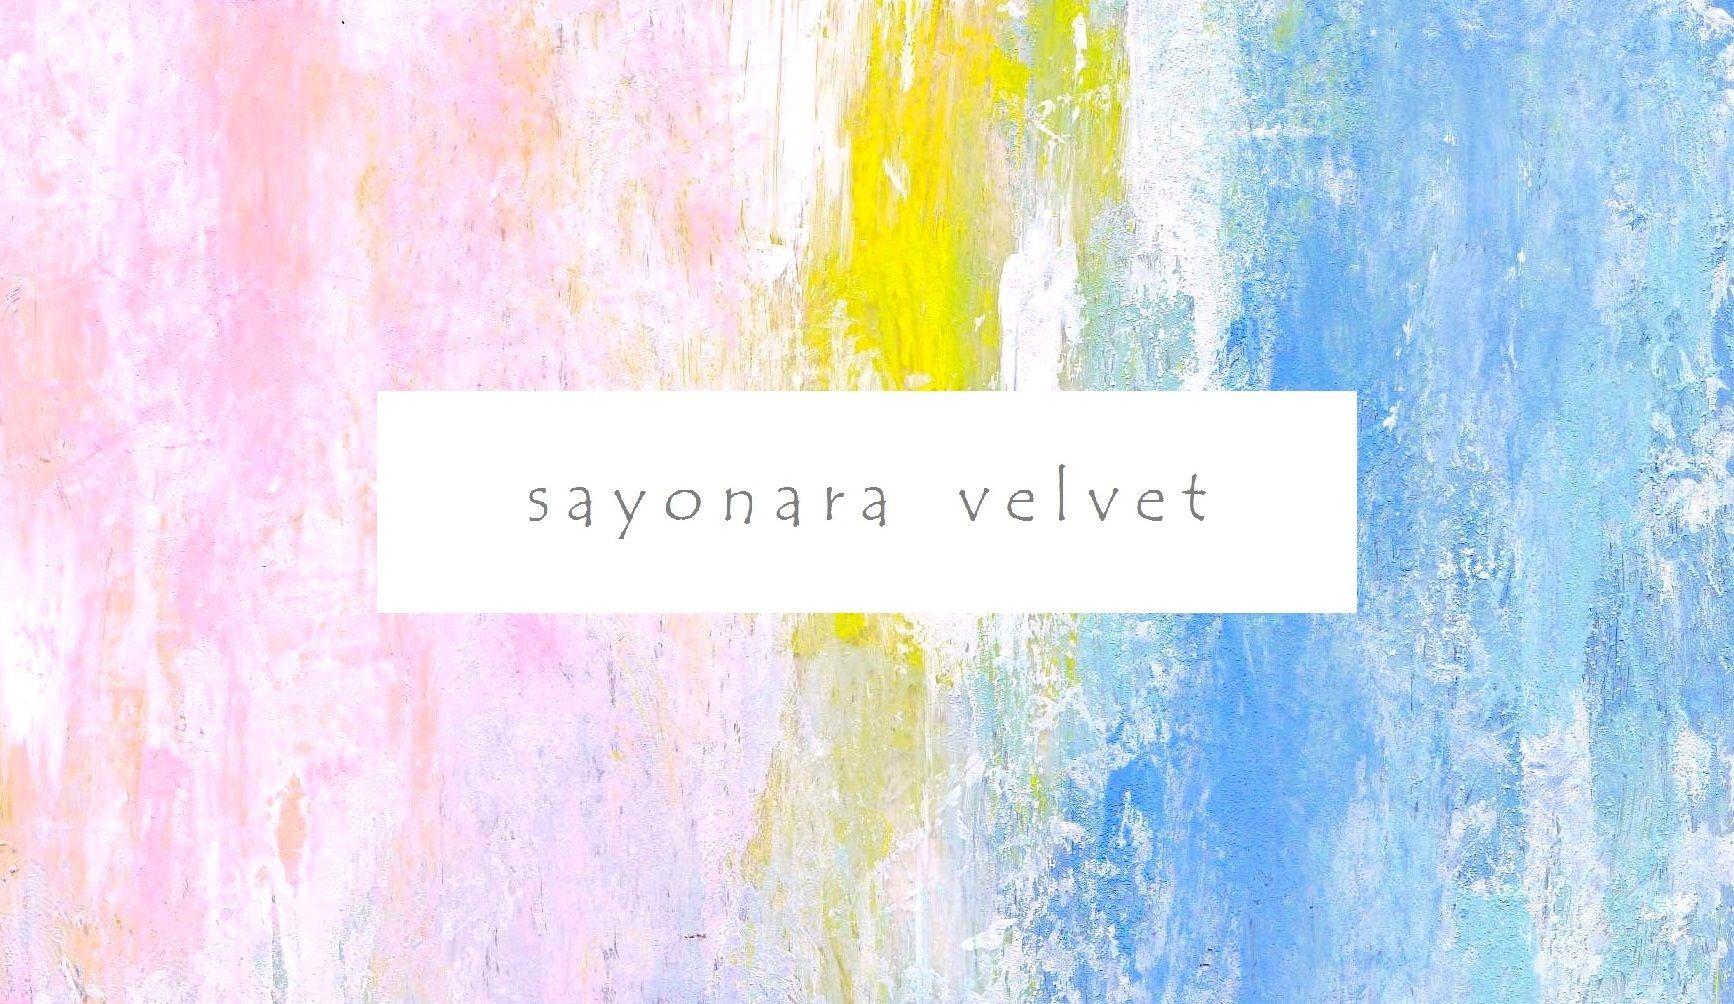 sayonara velvet